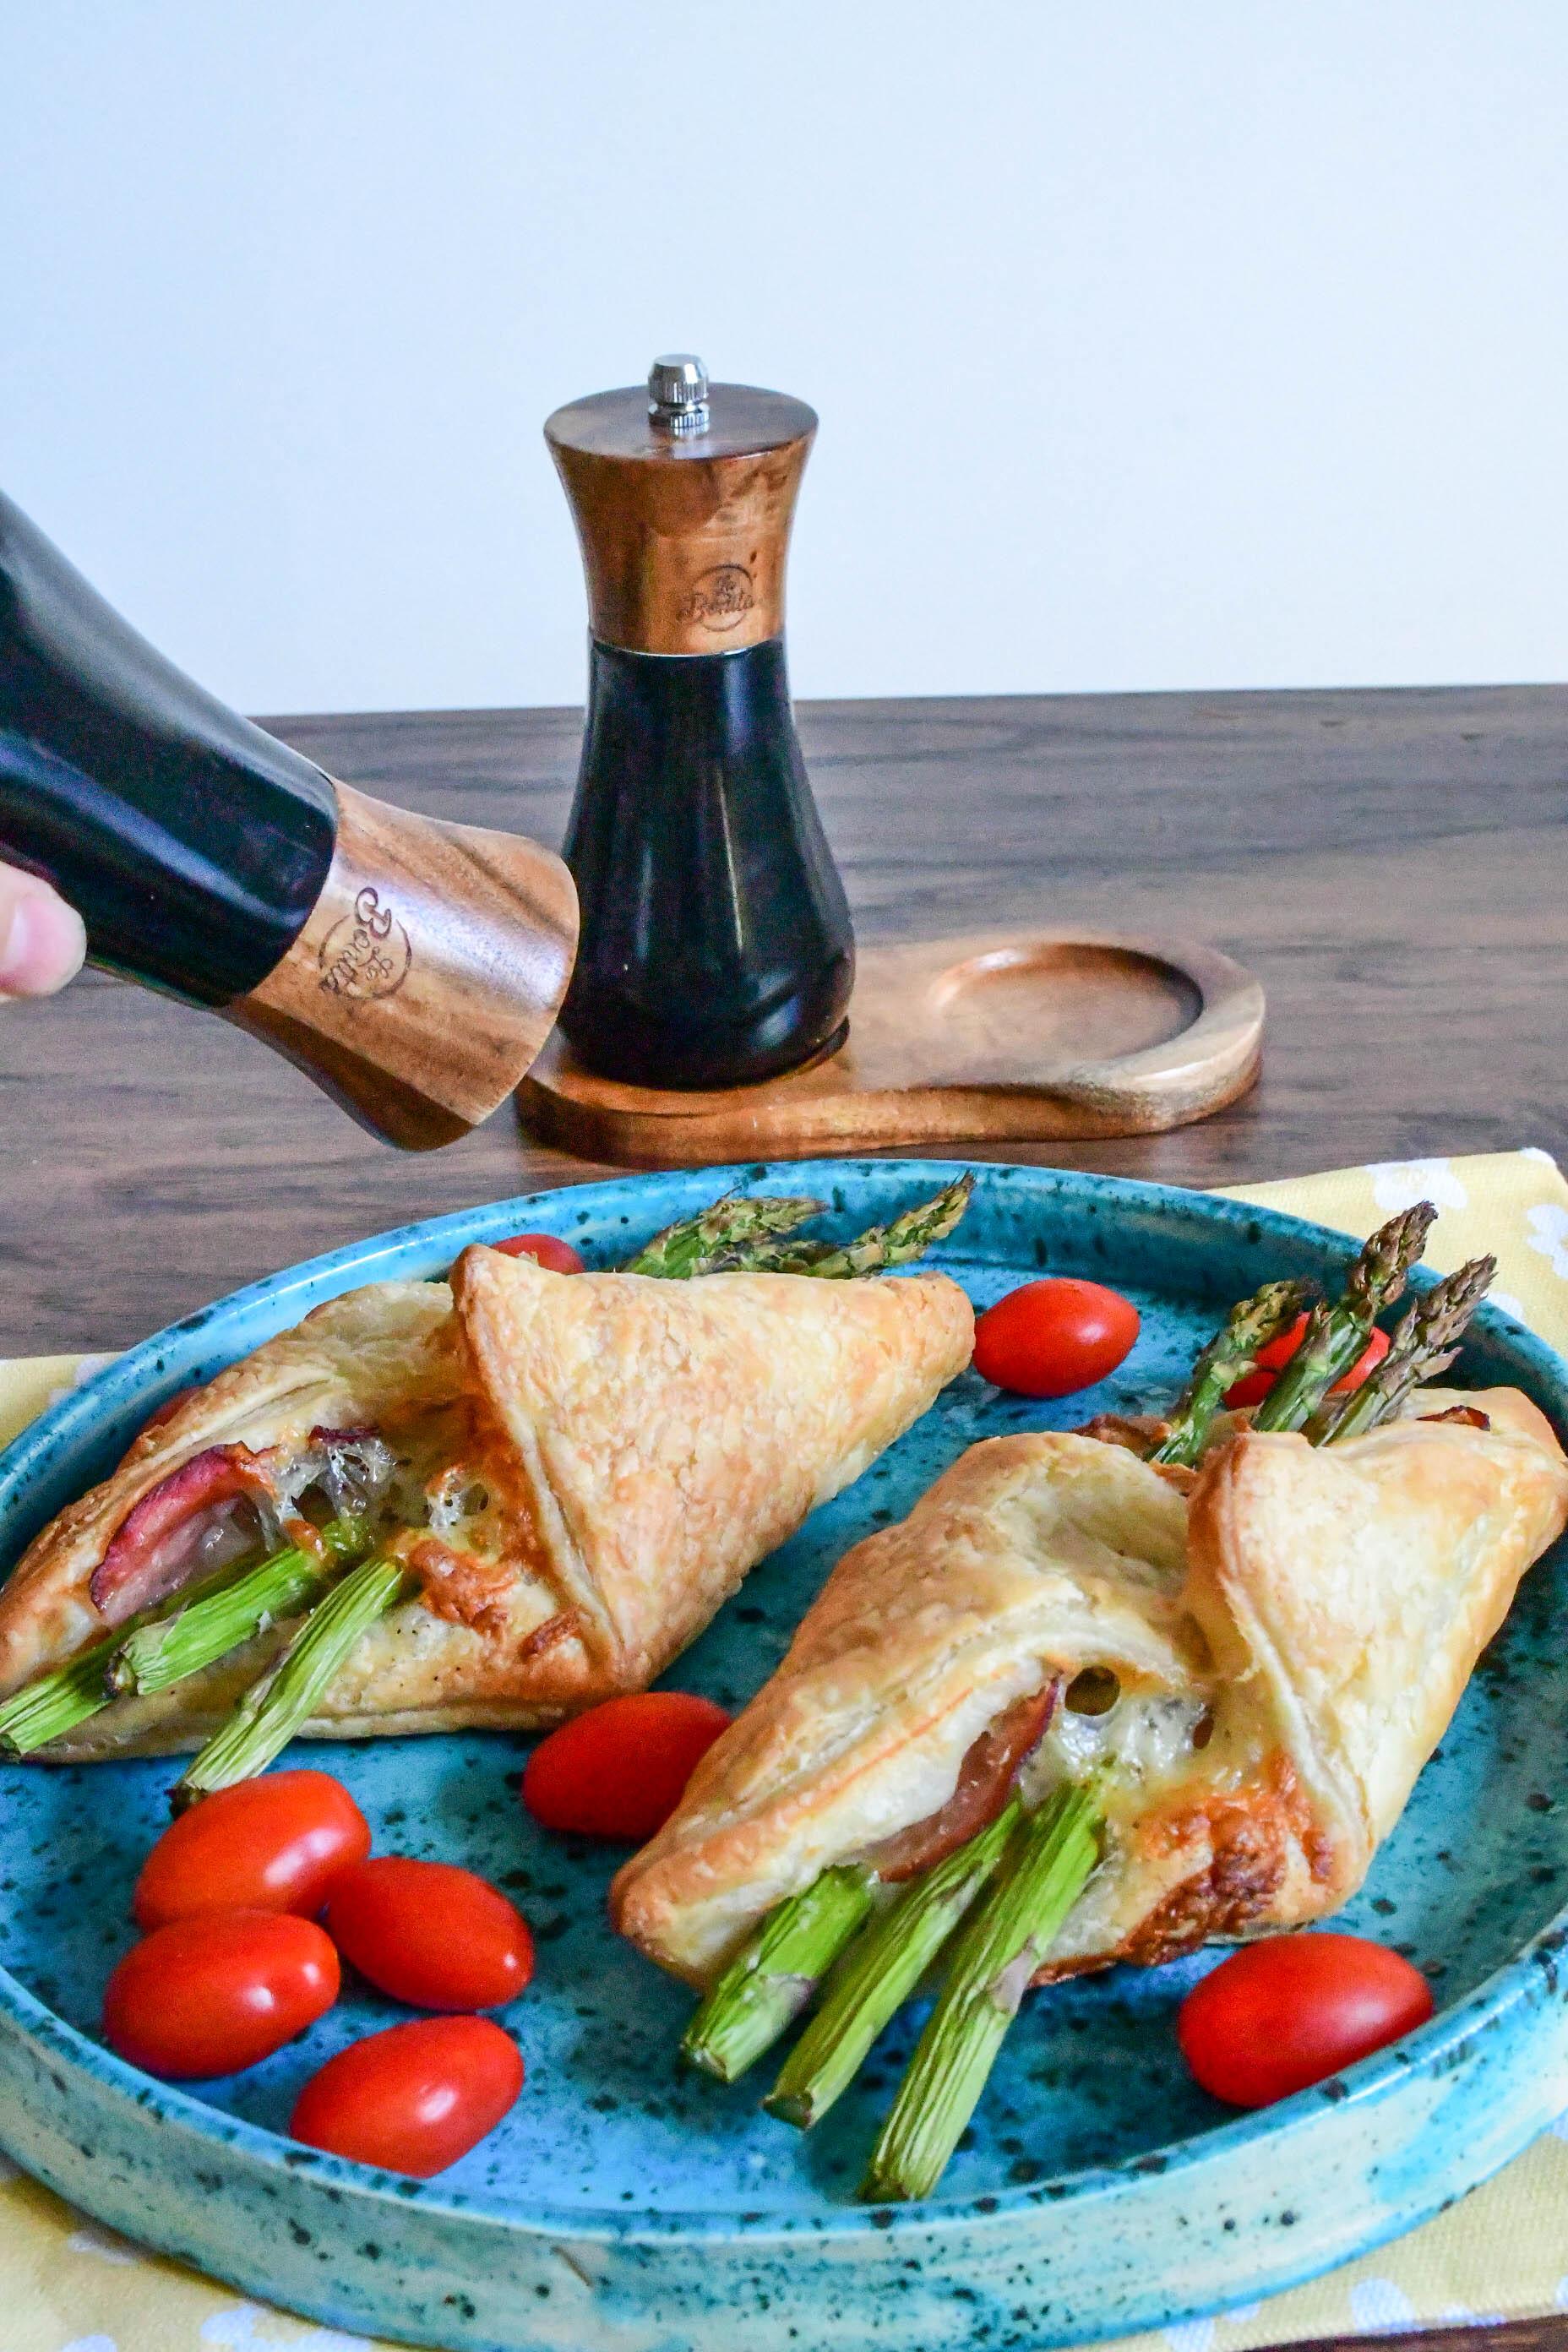 szparagi-w-ciescie-francuskim-z-szynka-i-serem